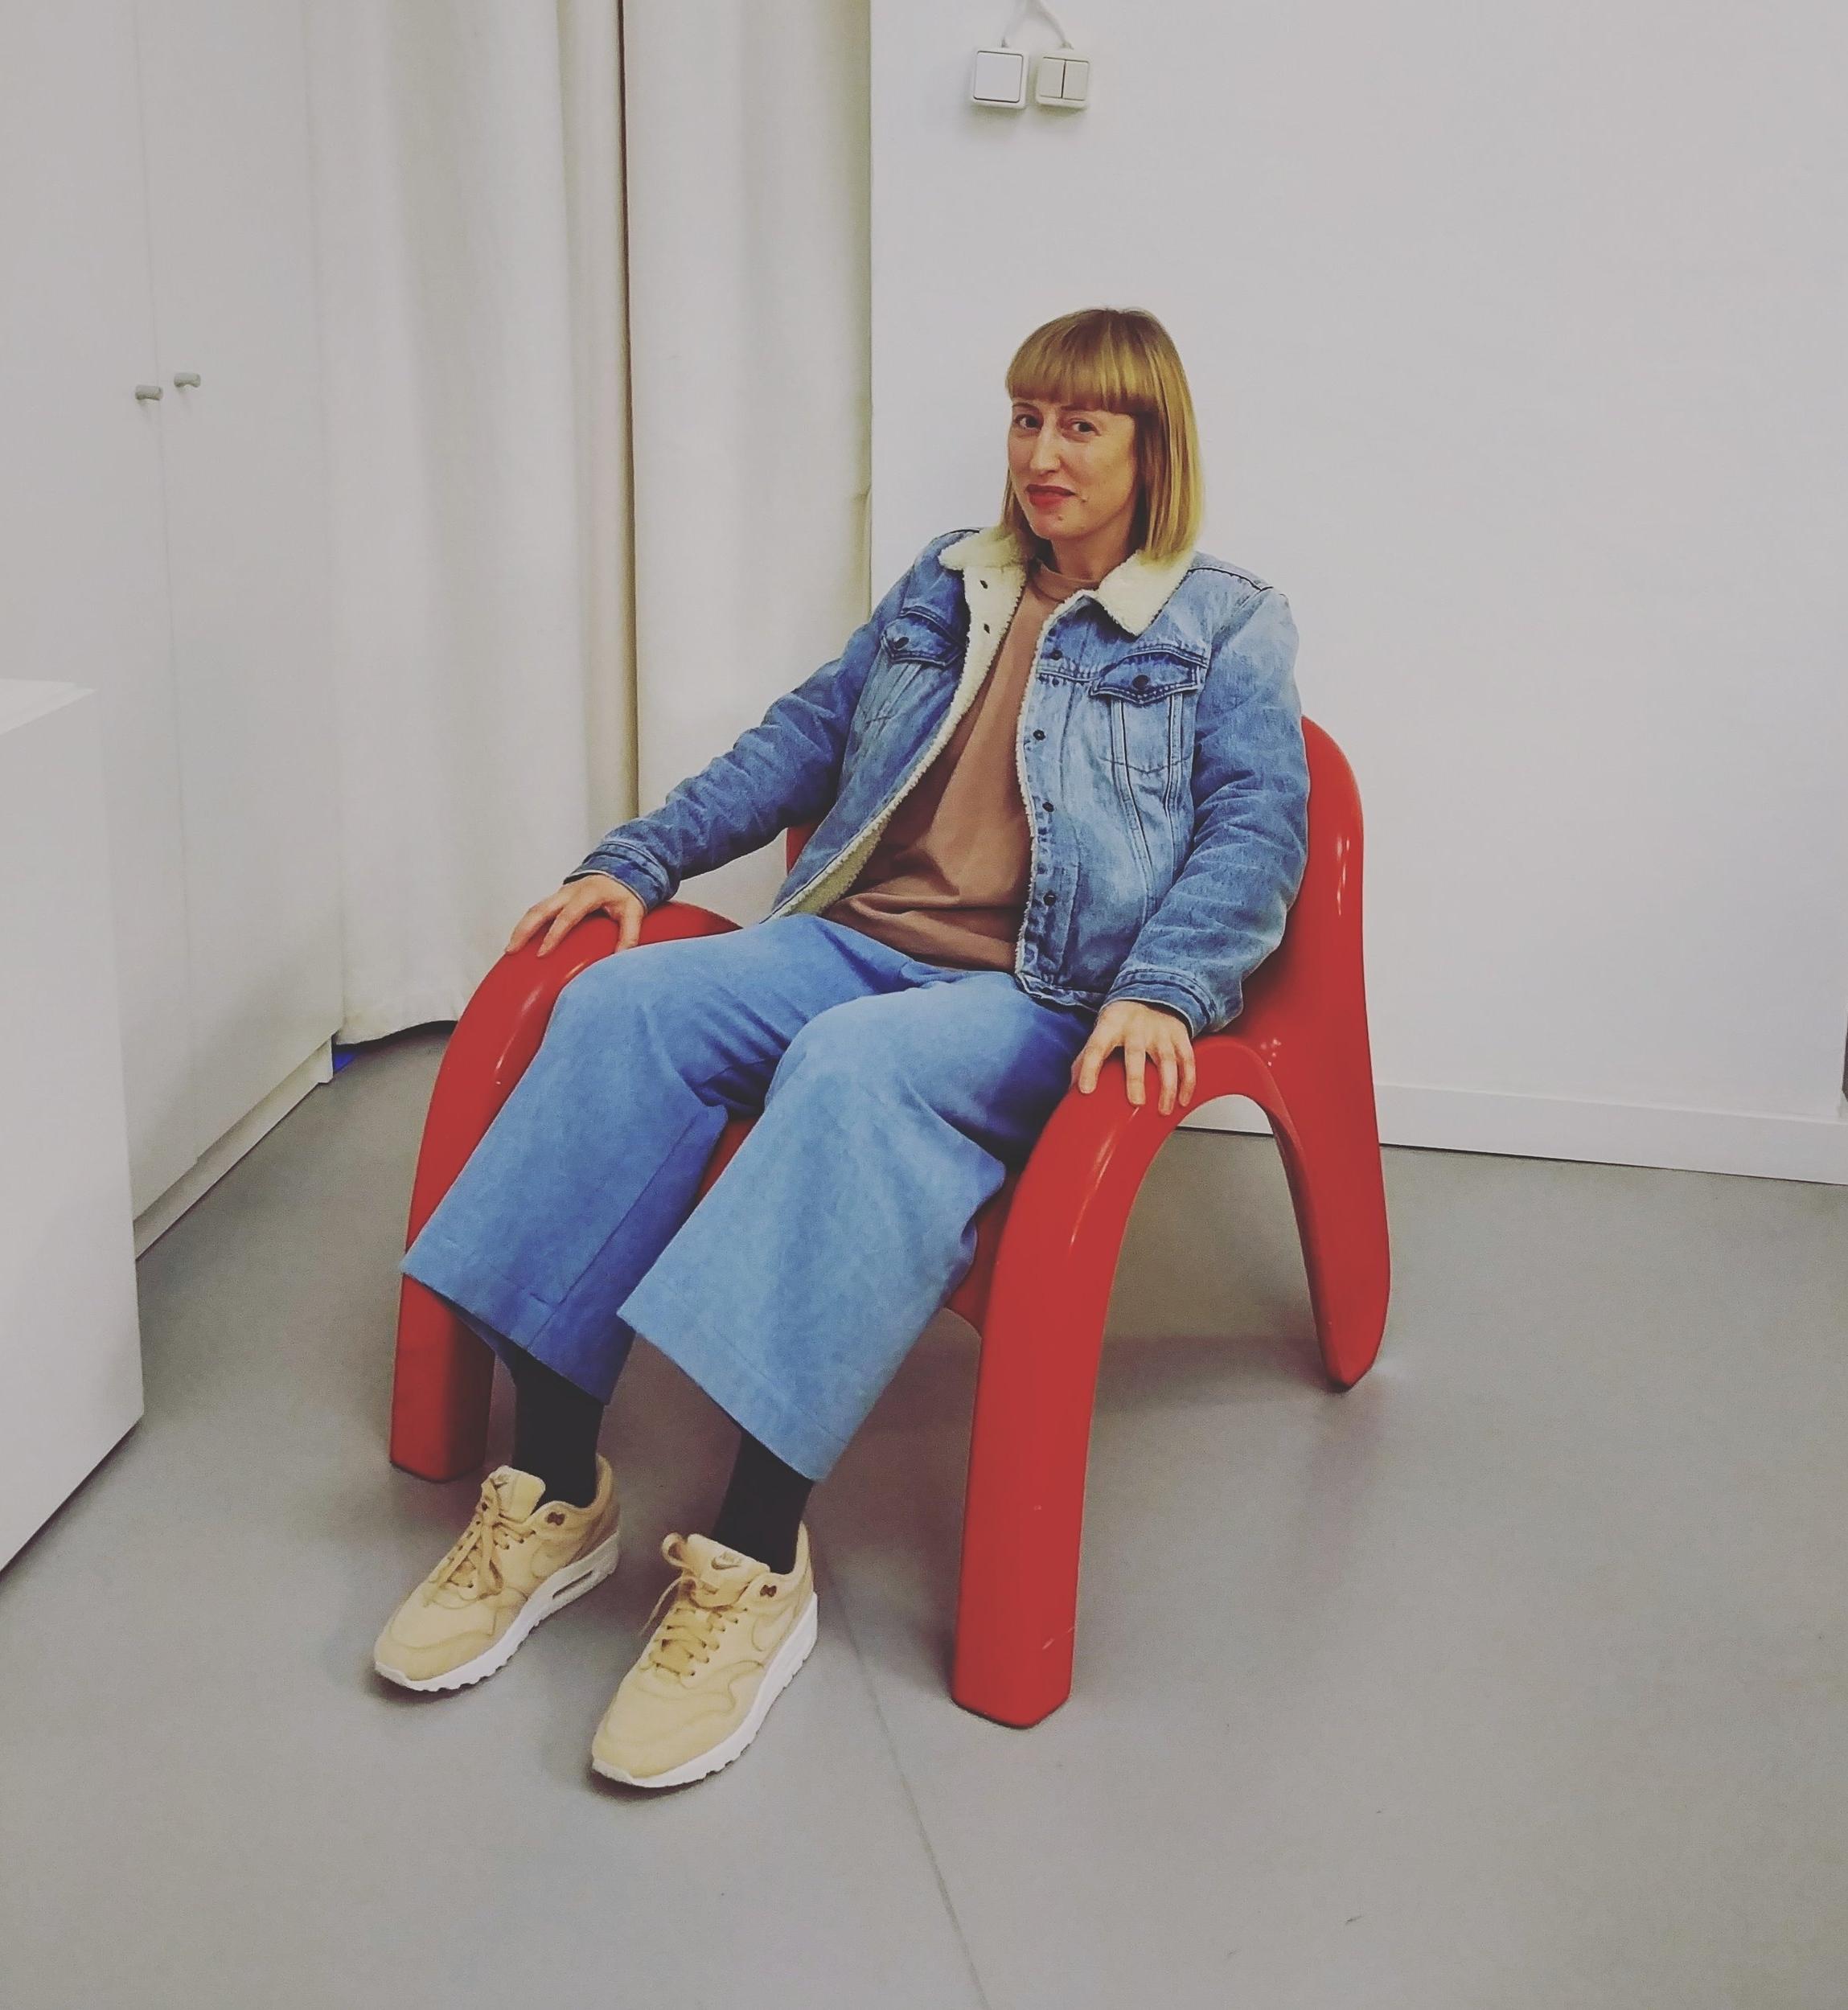 Rabea Böckenfeld, MEINWERK DIY